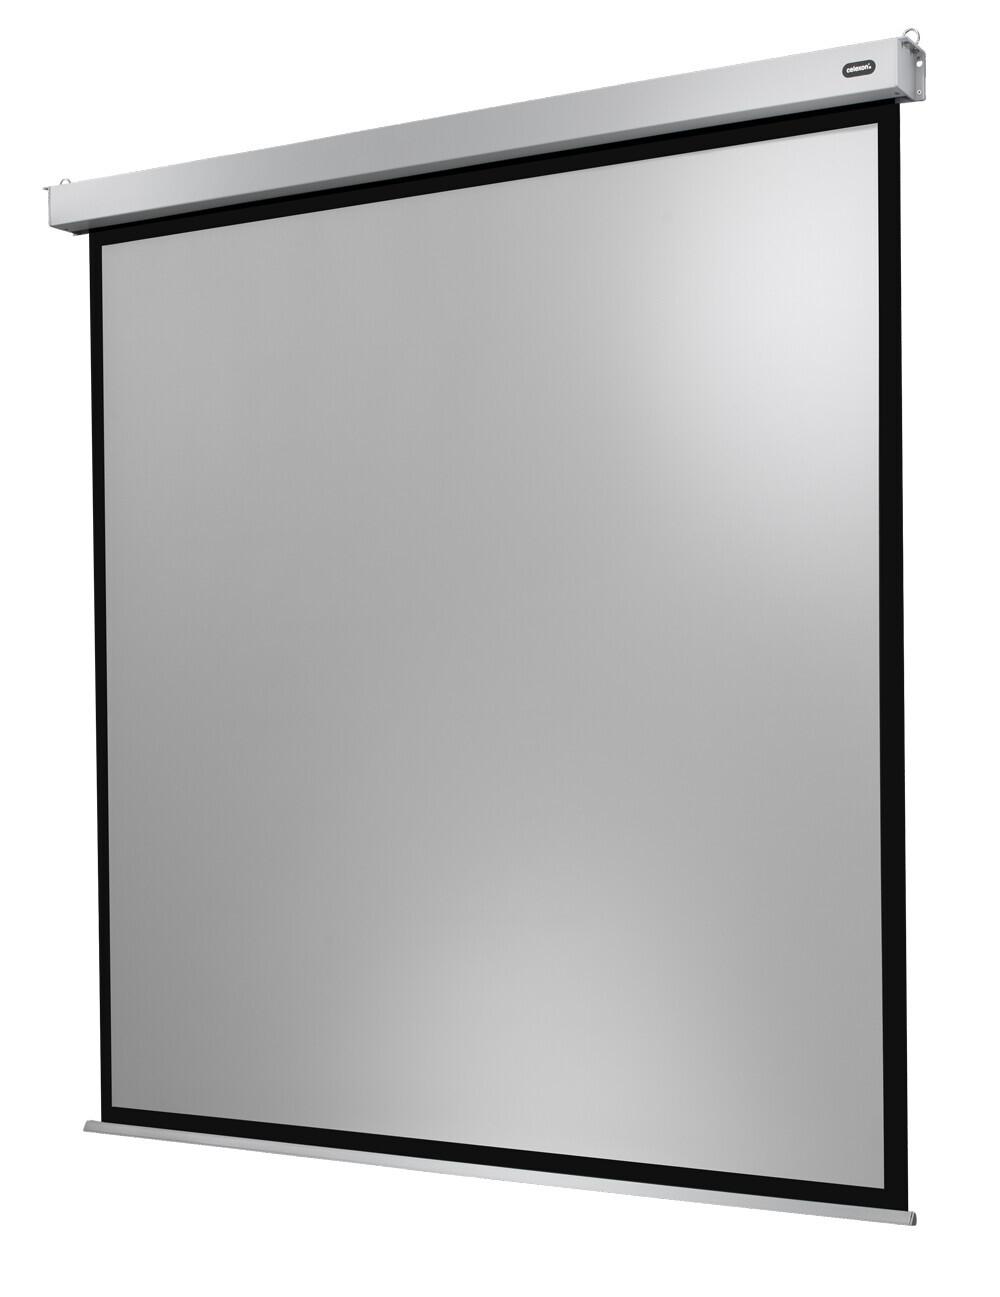 Ecran de projection celexon Motorisé PRO PLUS 280 x 280cm